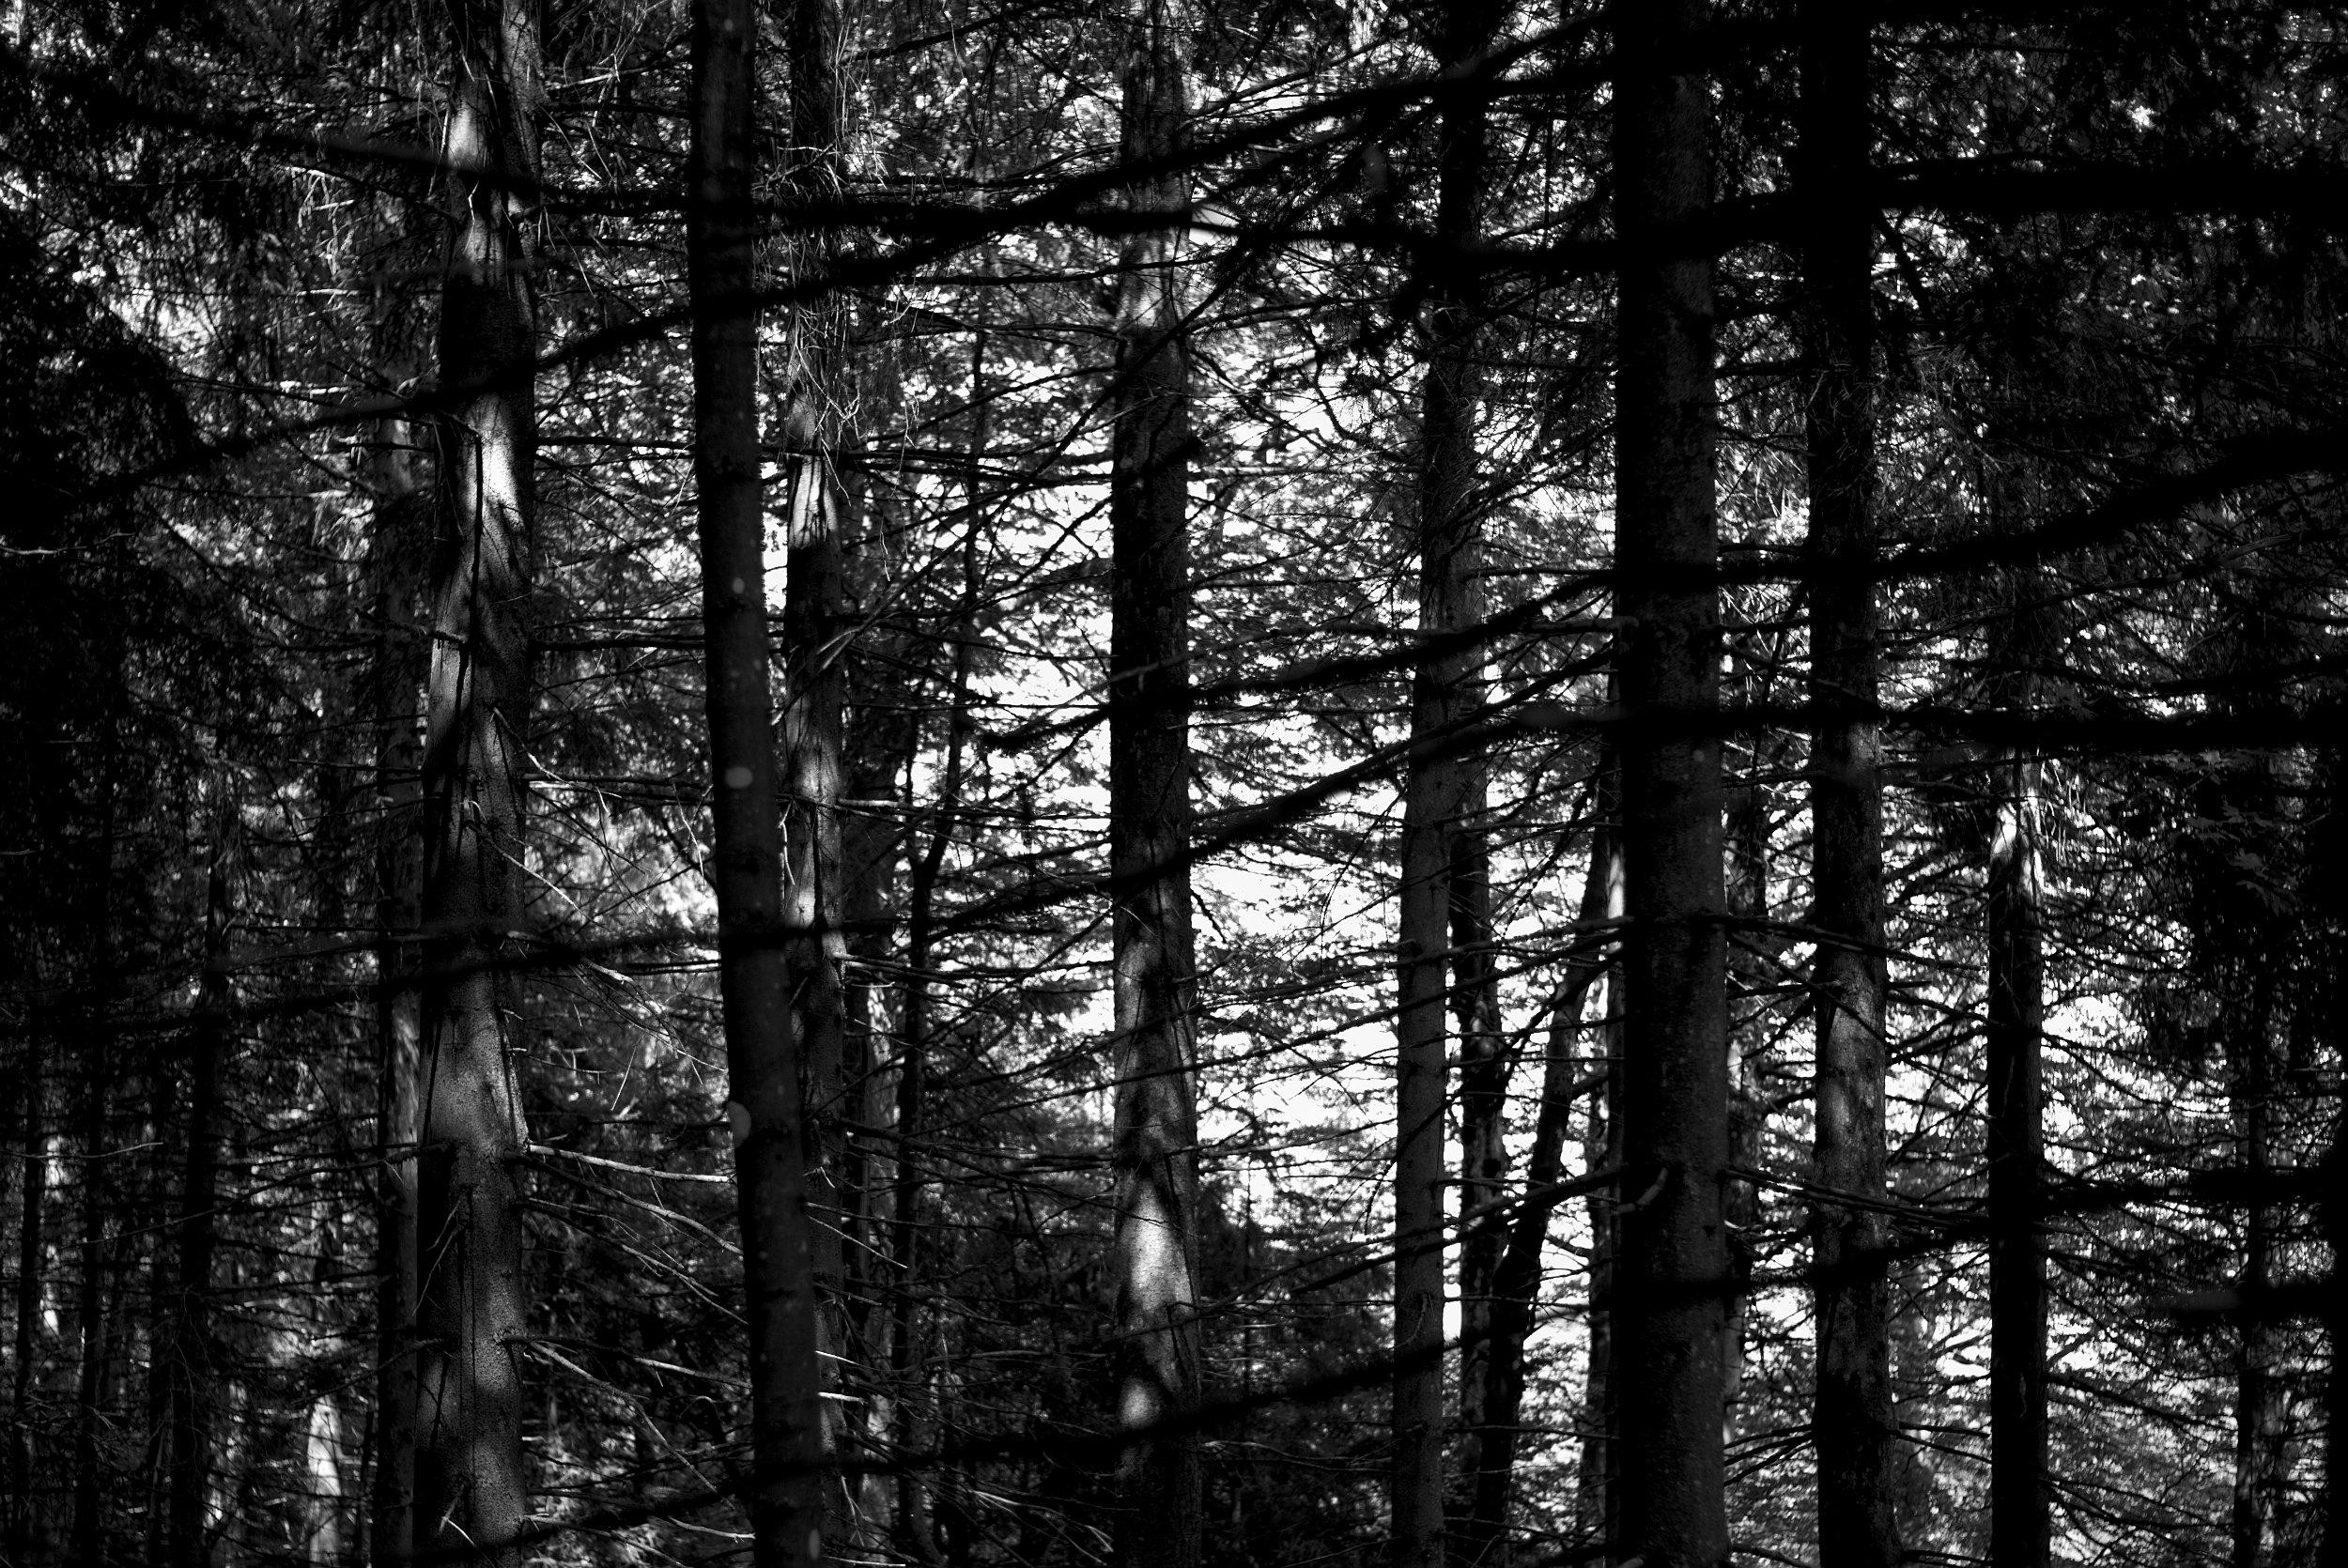 Jazz im Wald. Fotografiert mit Leica M und Summicron-M 35 mm @ f/2.0.